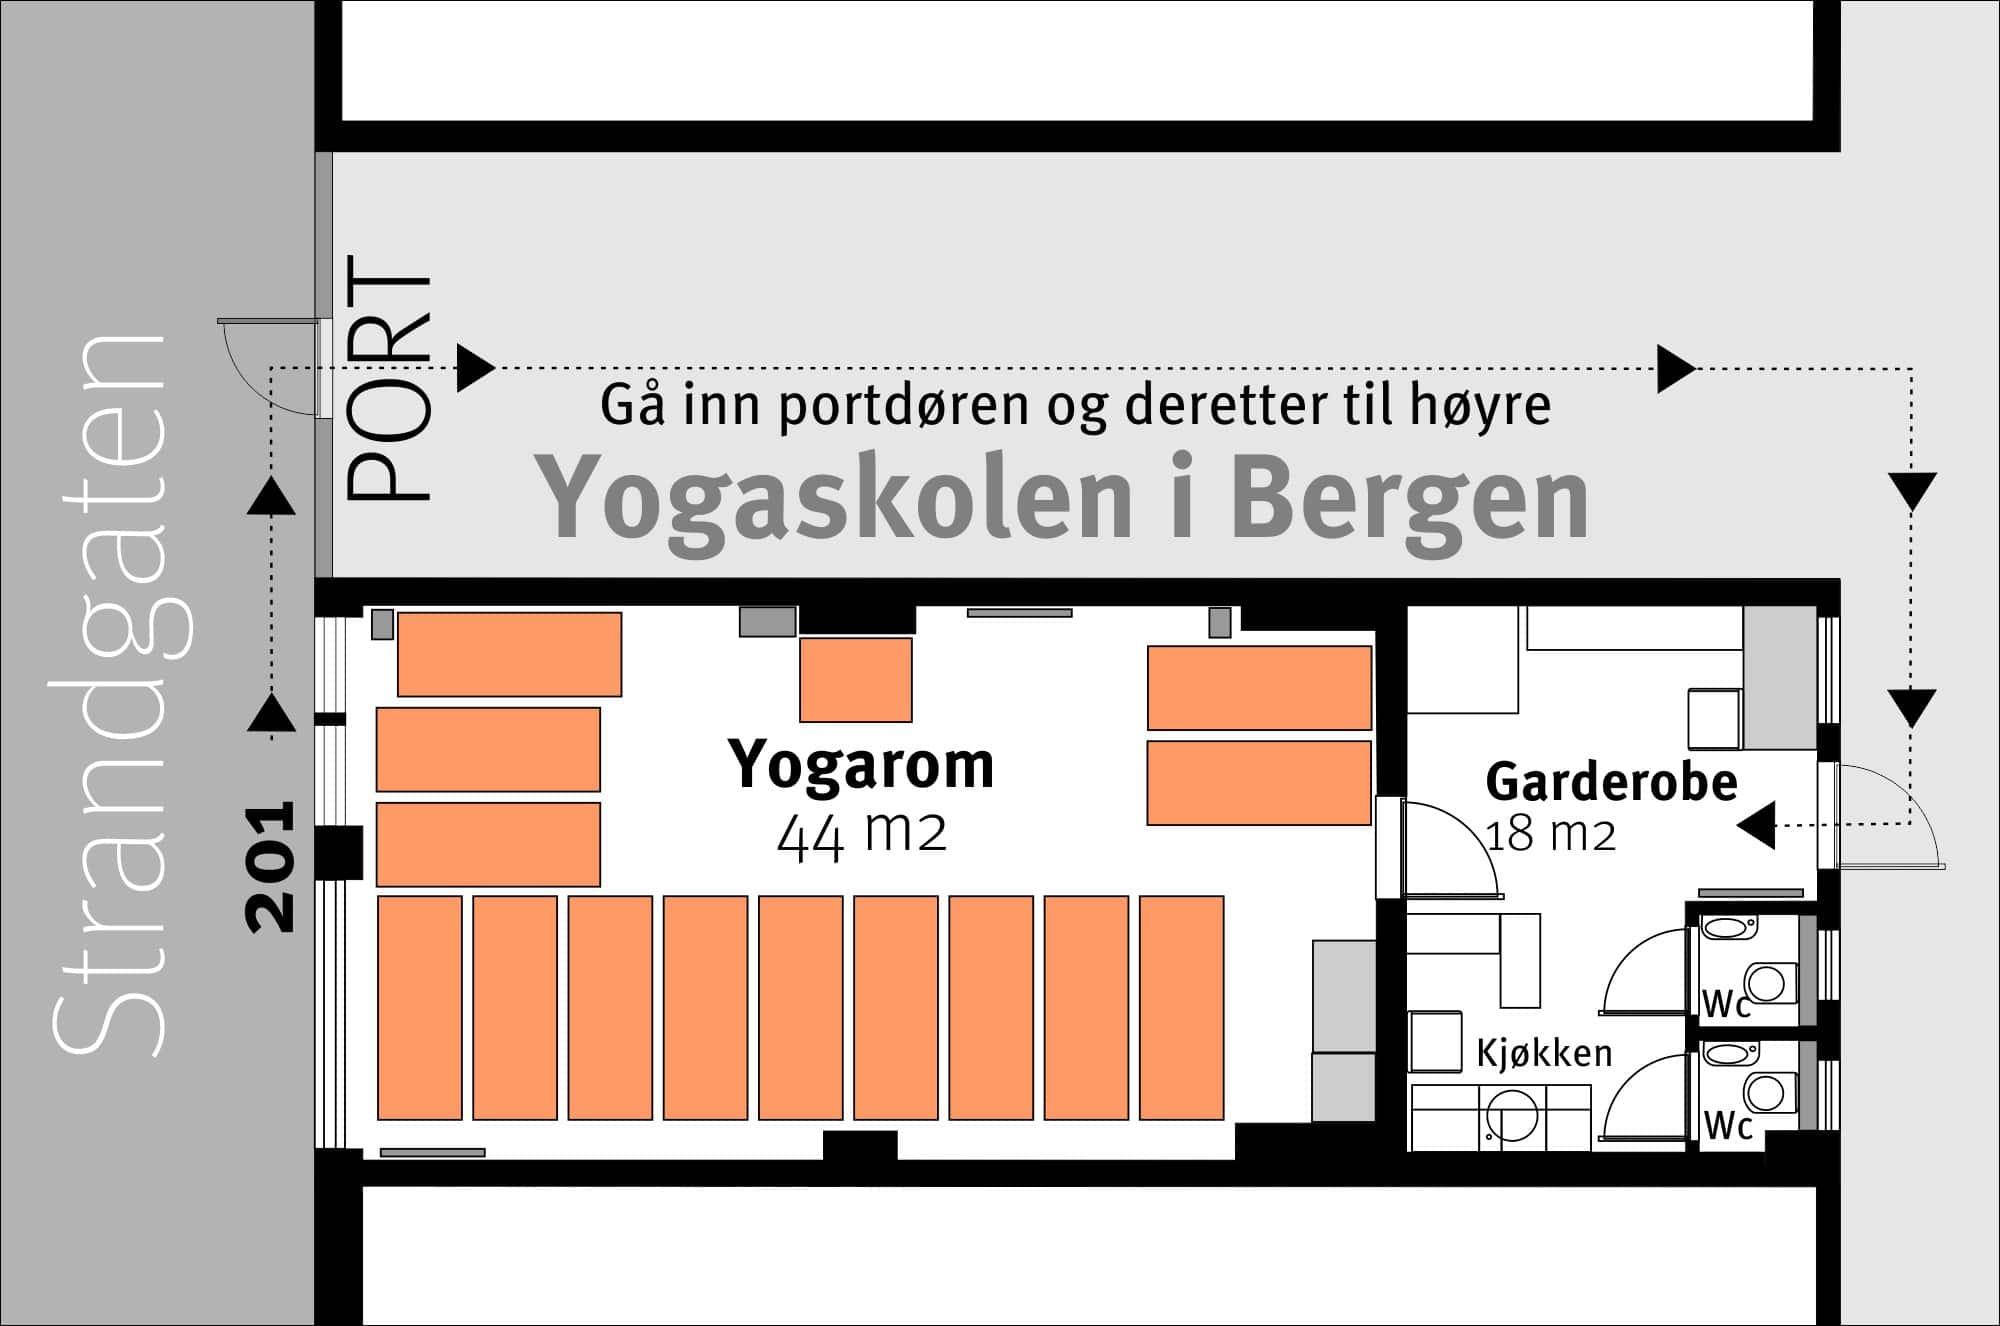 Plantegning av Yogaskolens lokaler i Strandgaten 201